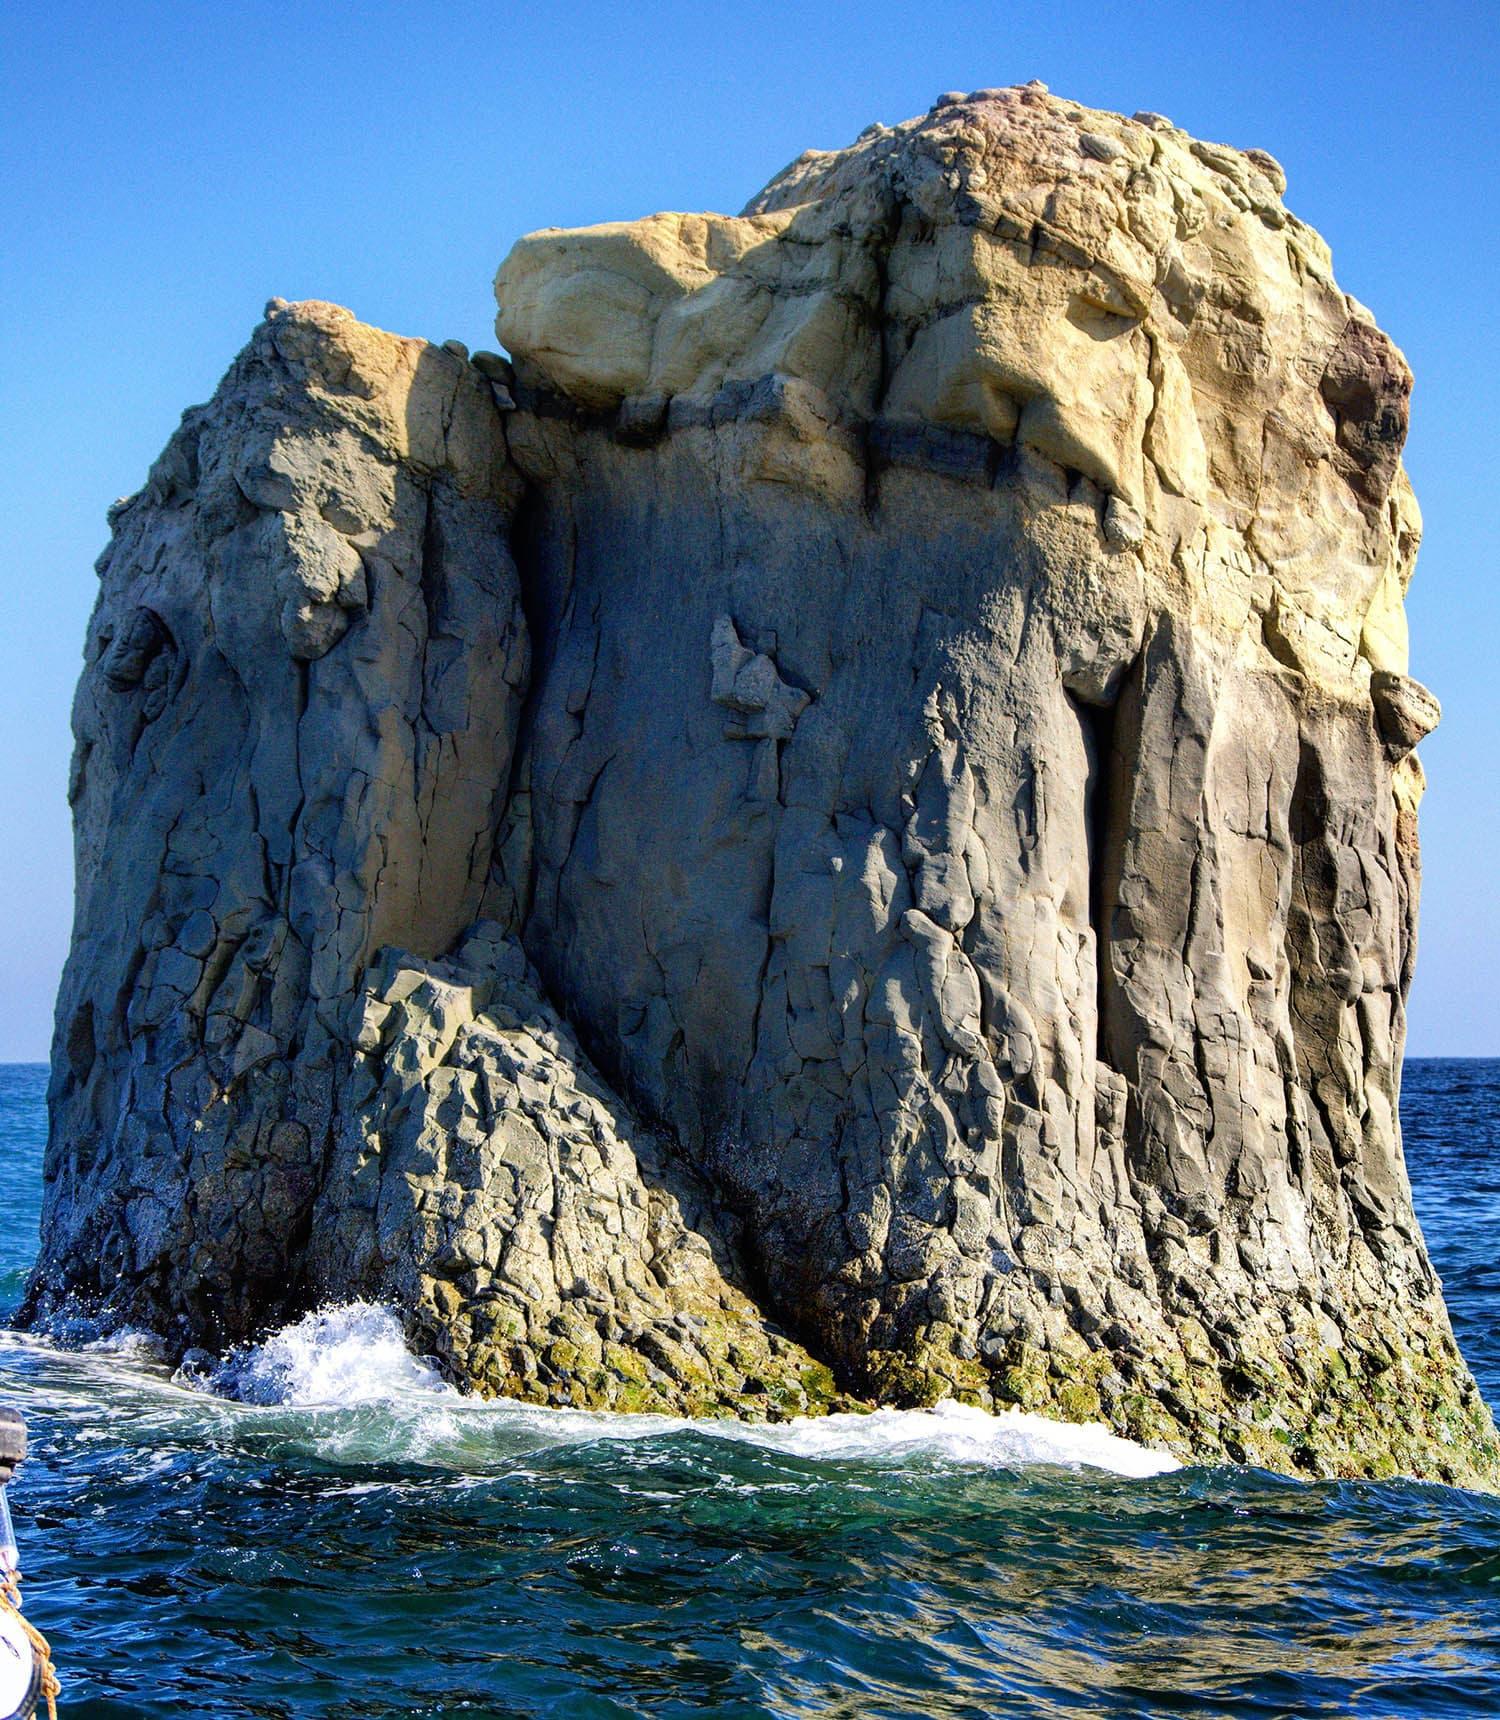 استولہ پہنچنے پر ایک بڑا انوکھا سا پتھر— تصویر عباس علی طور